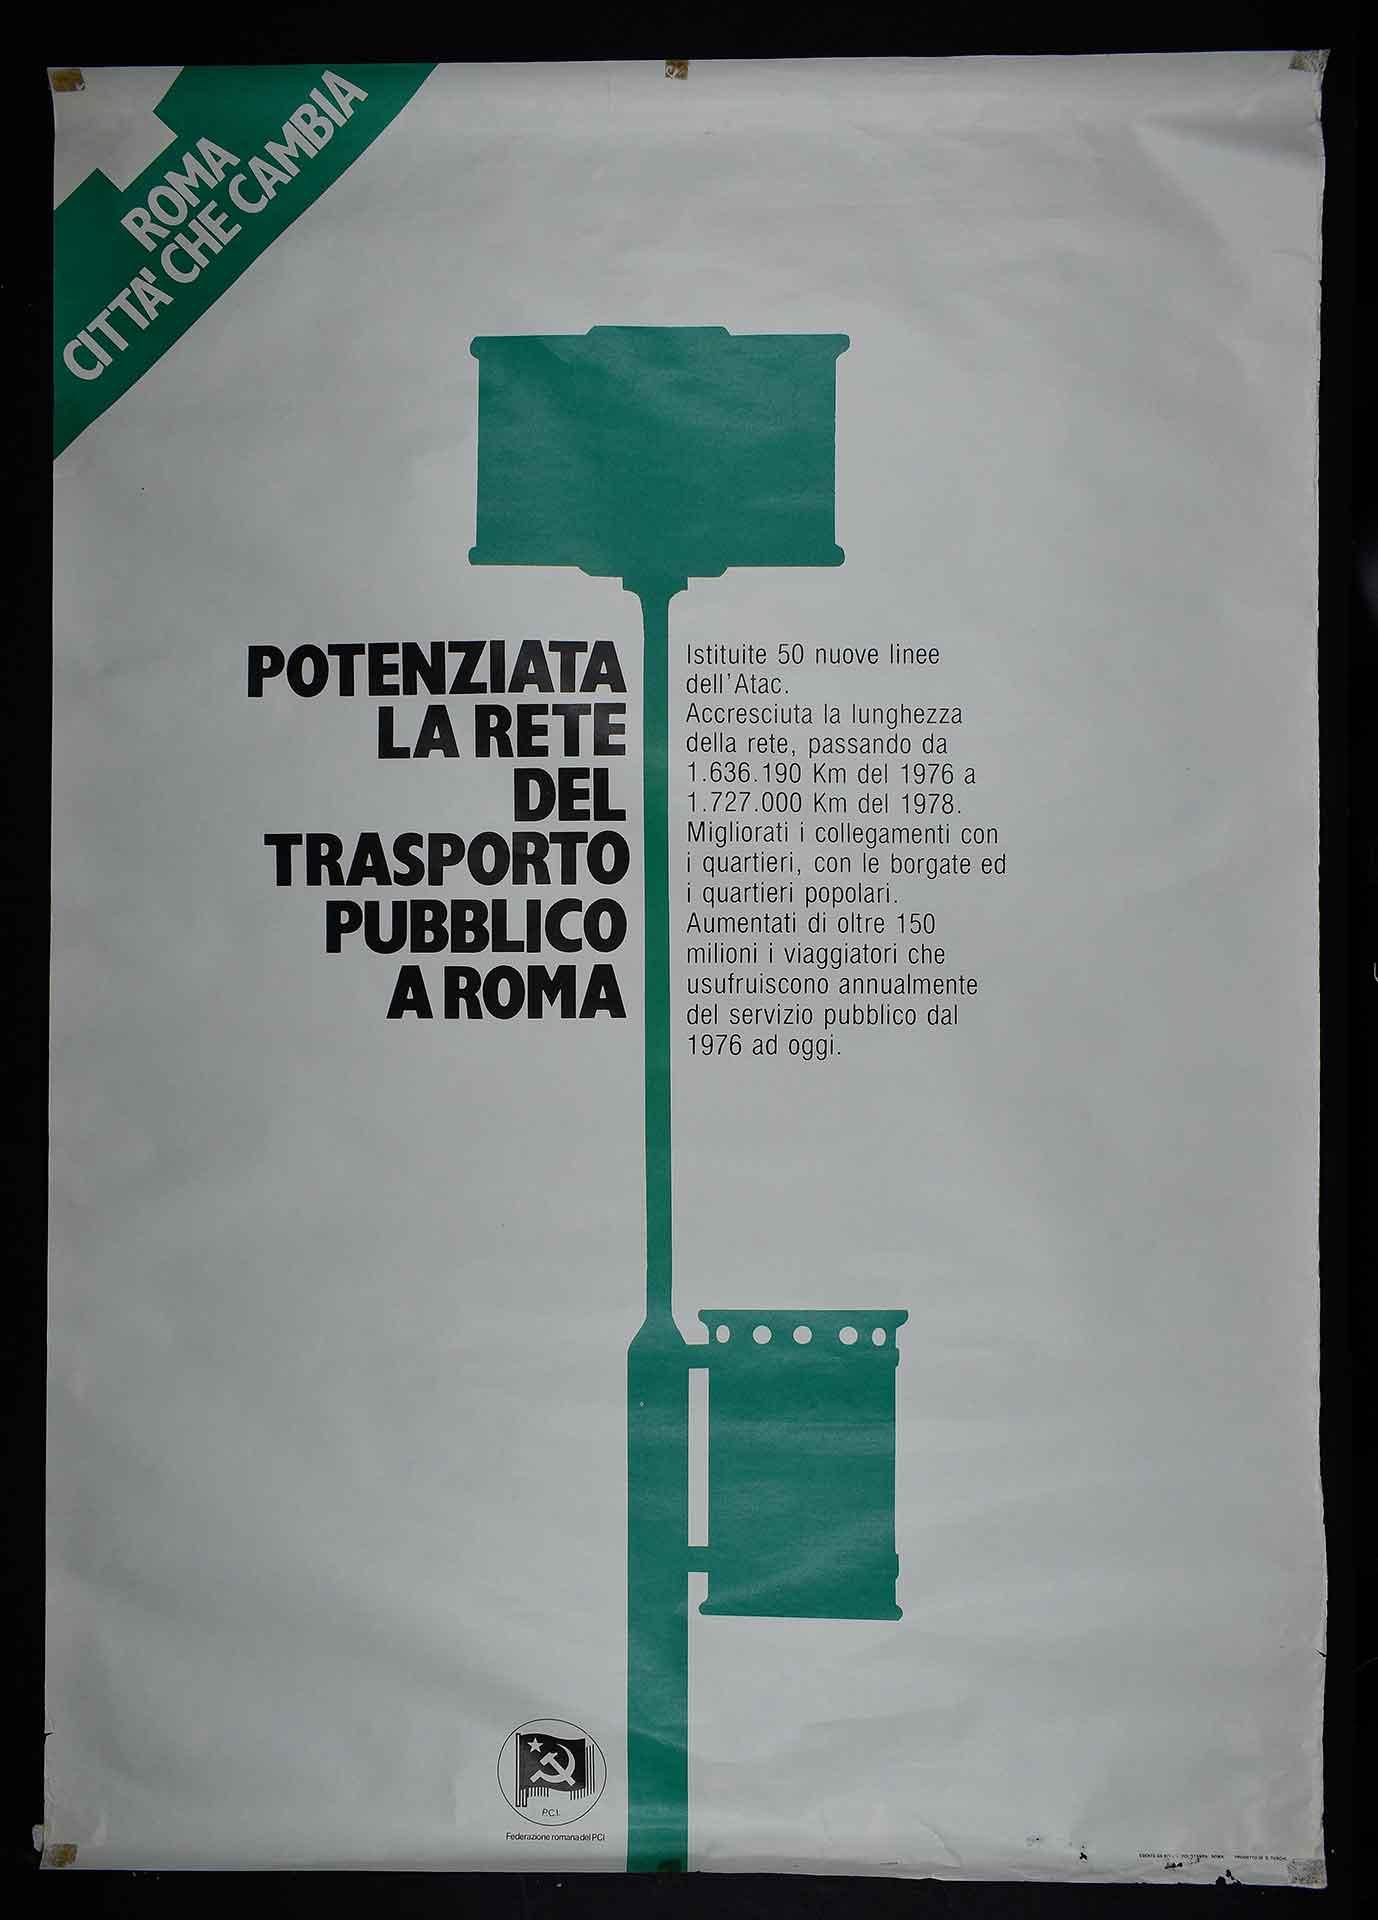 Federazione romana del Partito comunista italiano (PCI) per la giunta cittadina di sinistra. Stampa Polistampa, Roma. Progetto di D. Turchi. Comunicazione di partito.